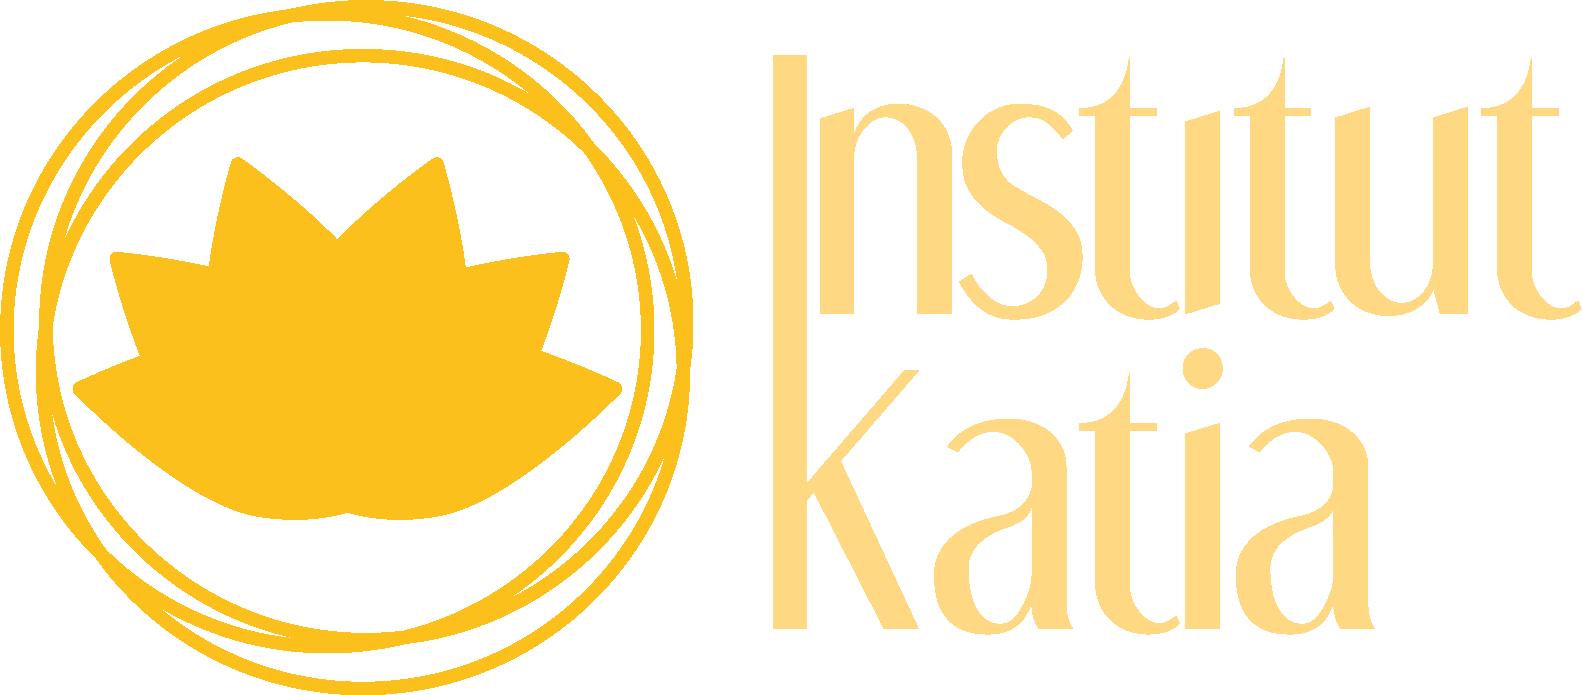 Institut Katia